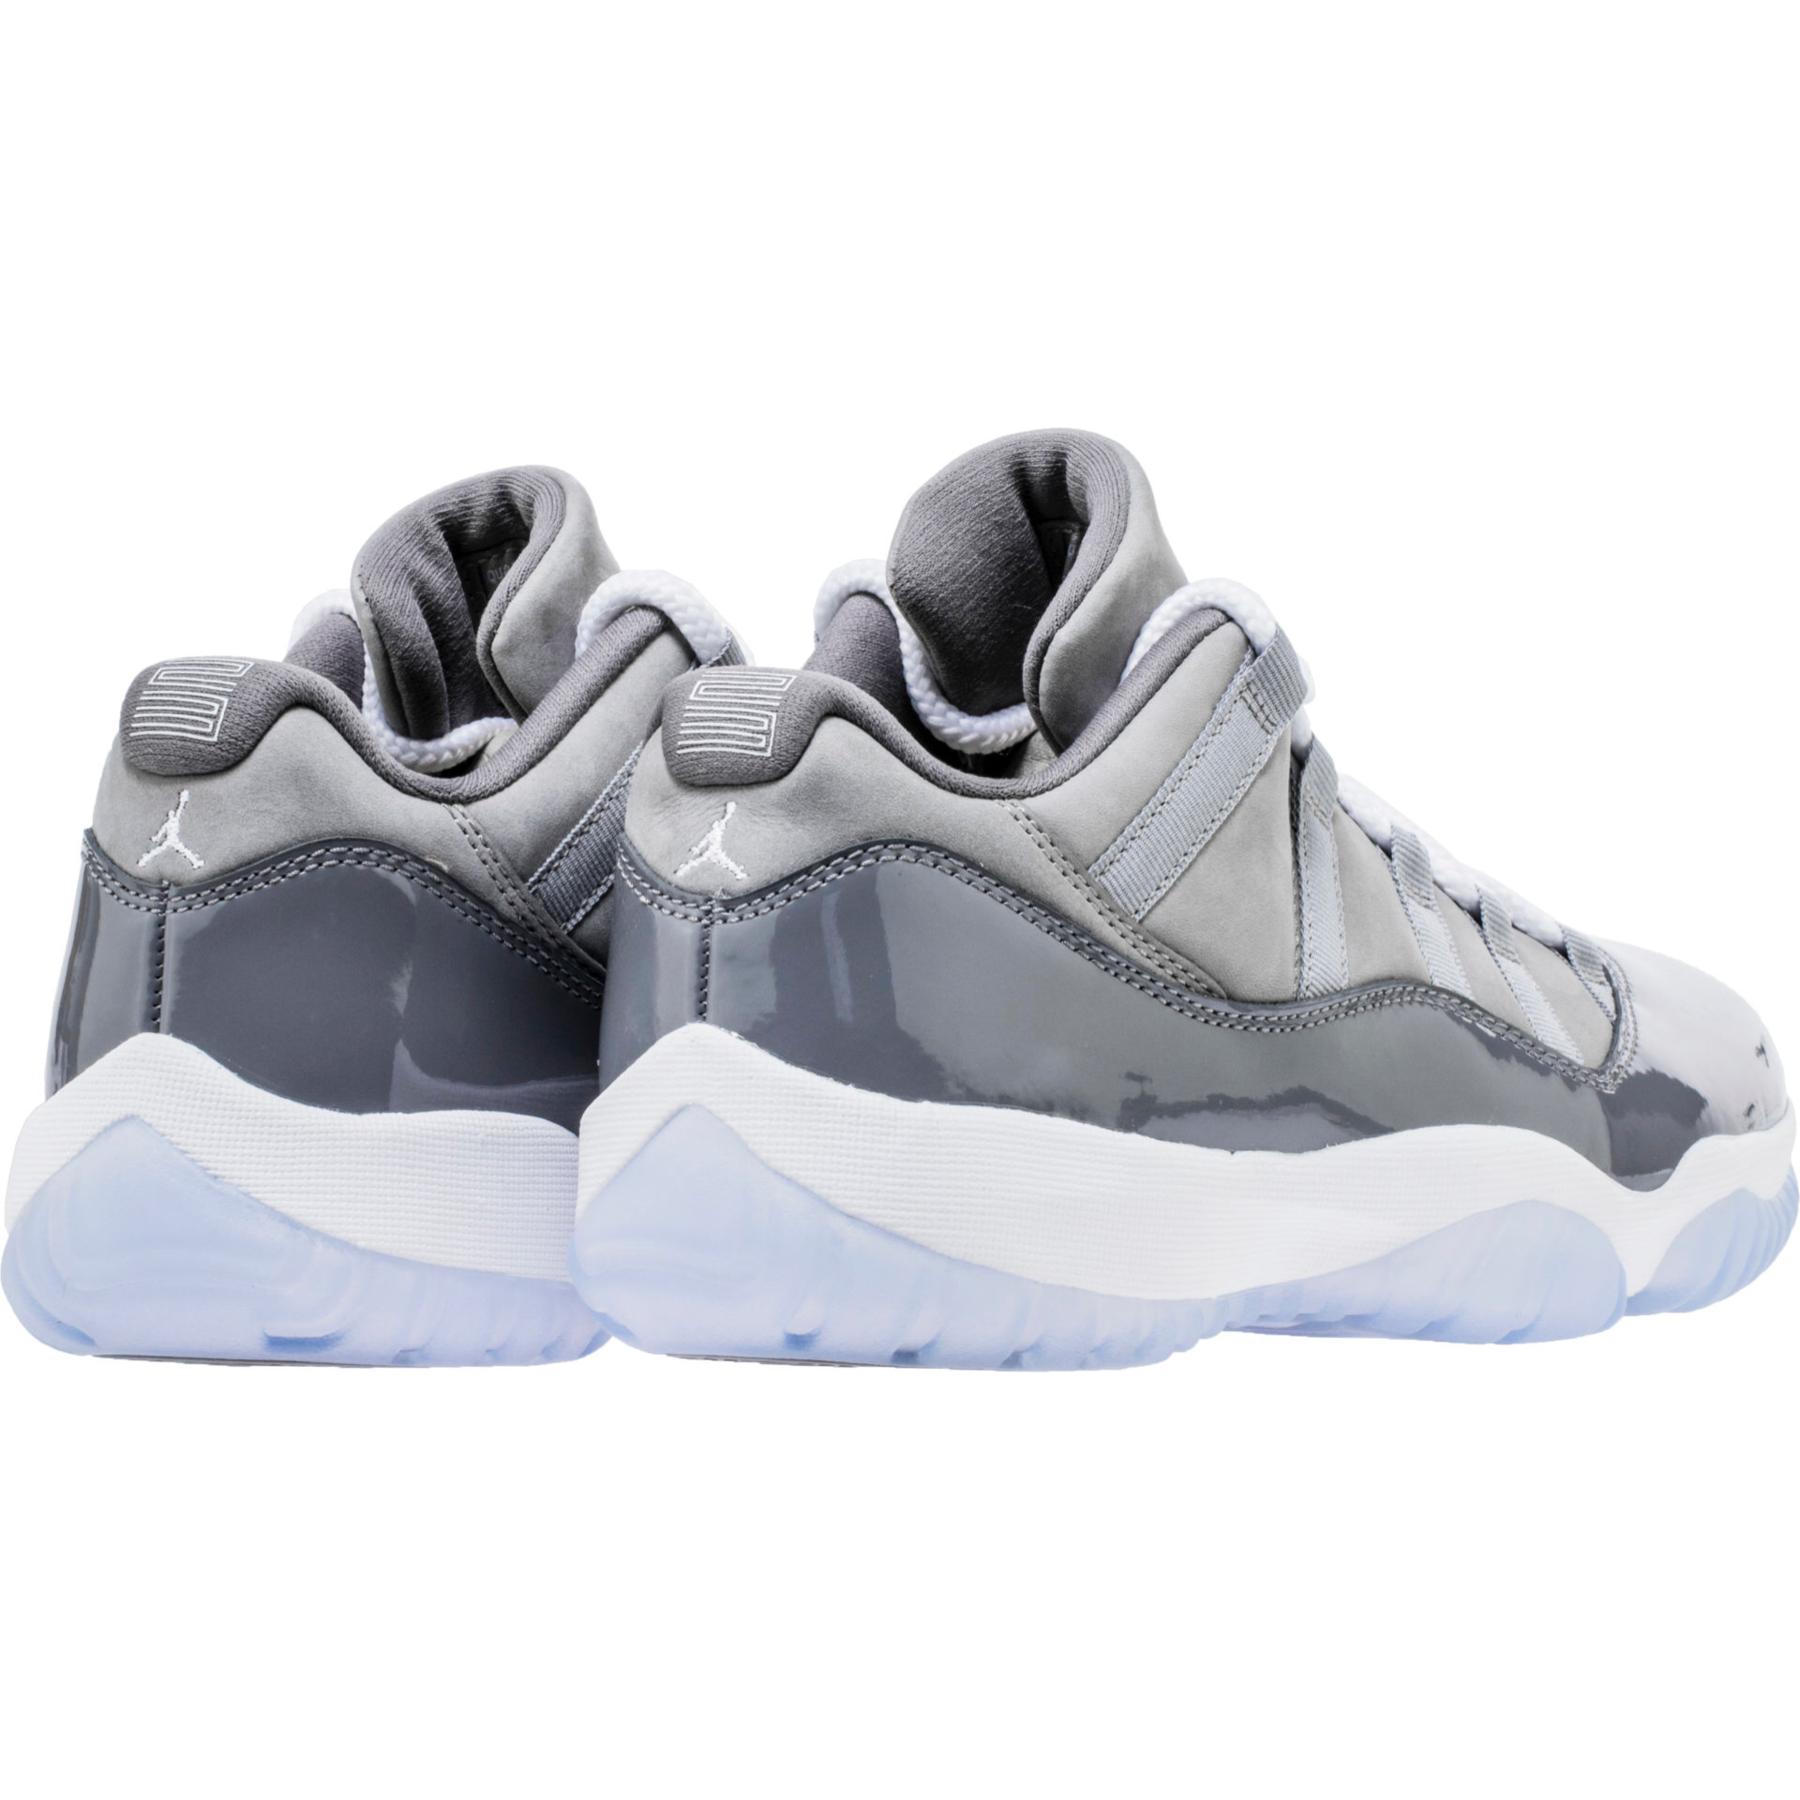 air jordan 11 low cool grey release date (2)